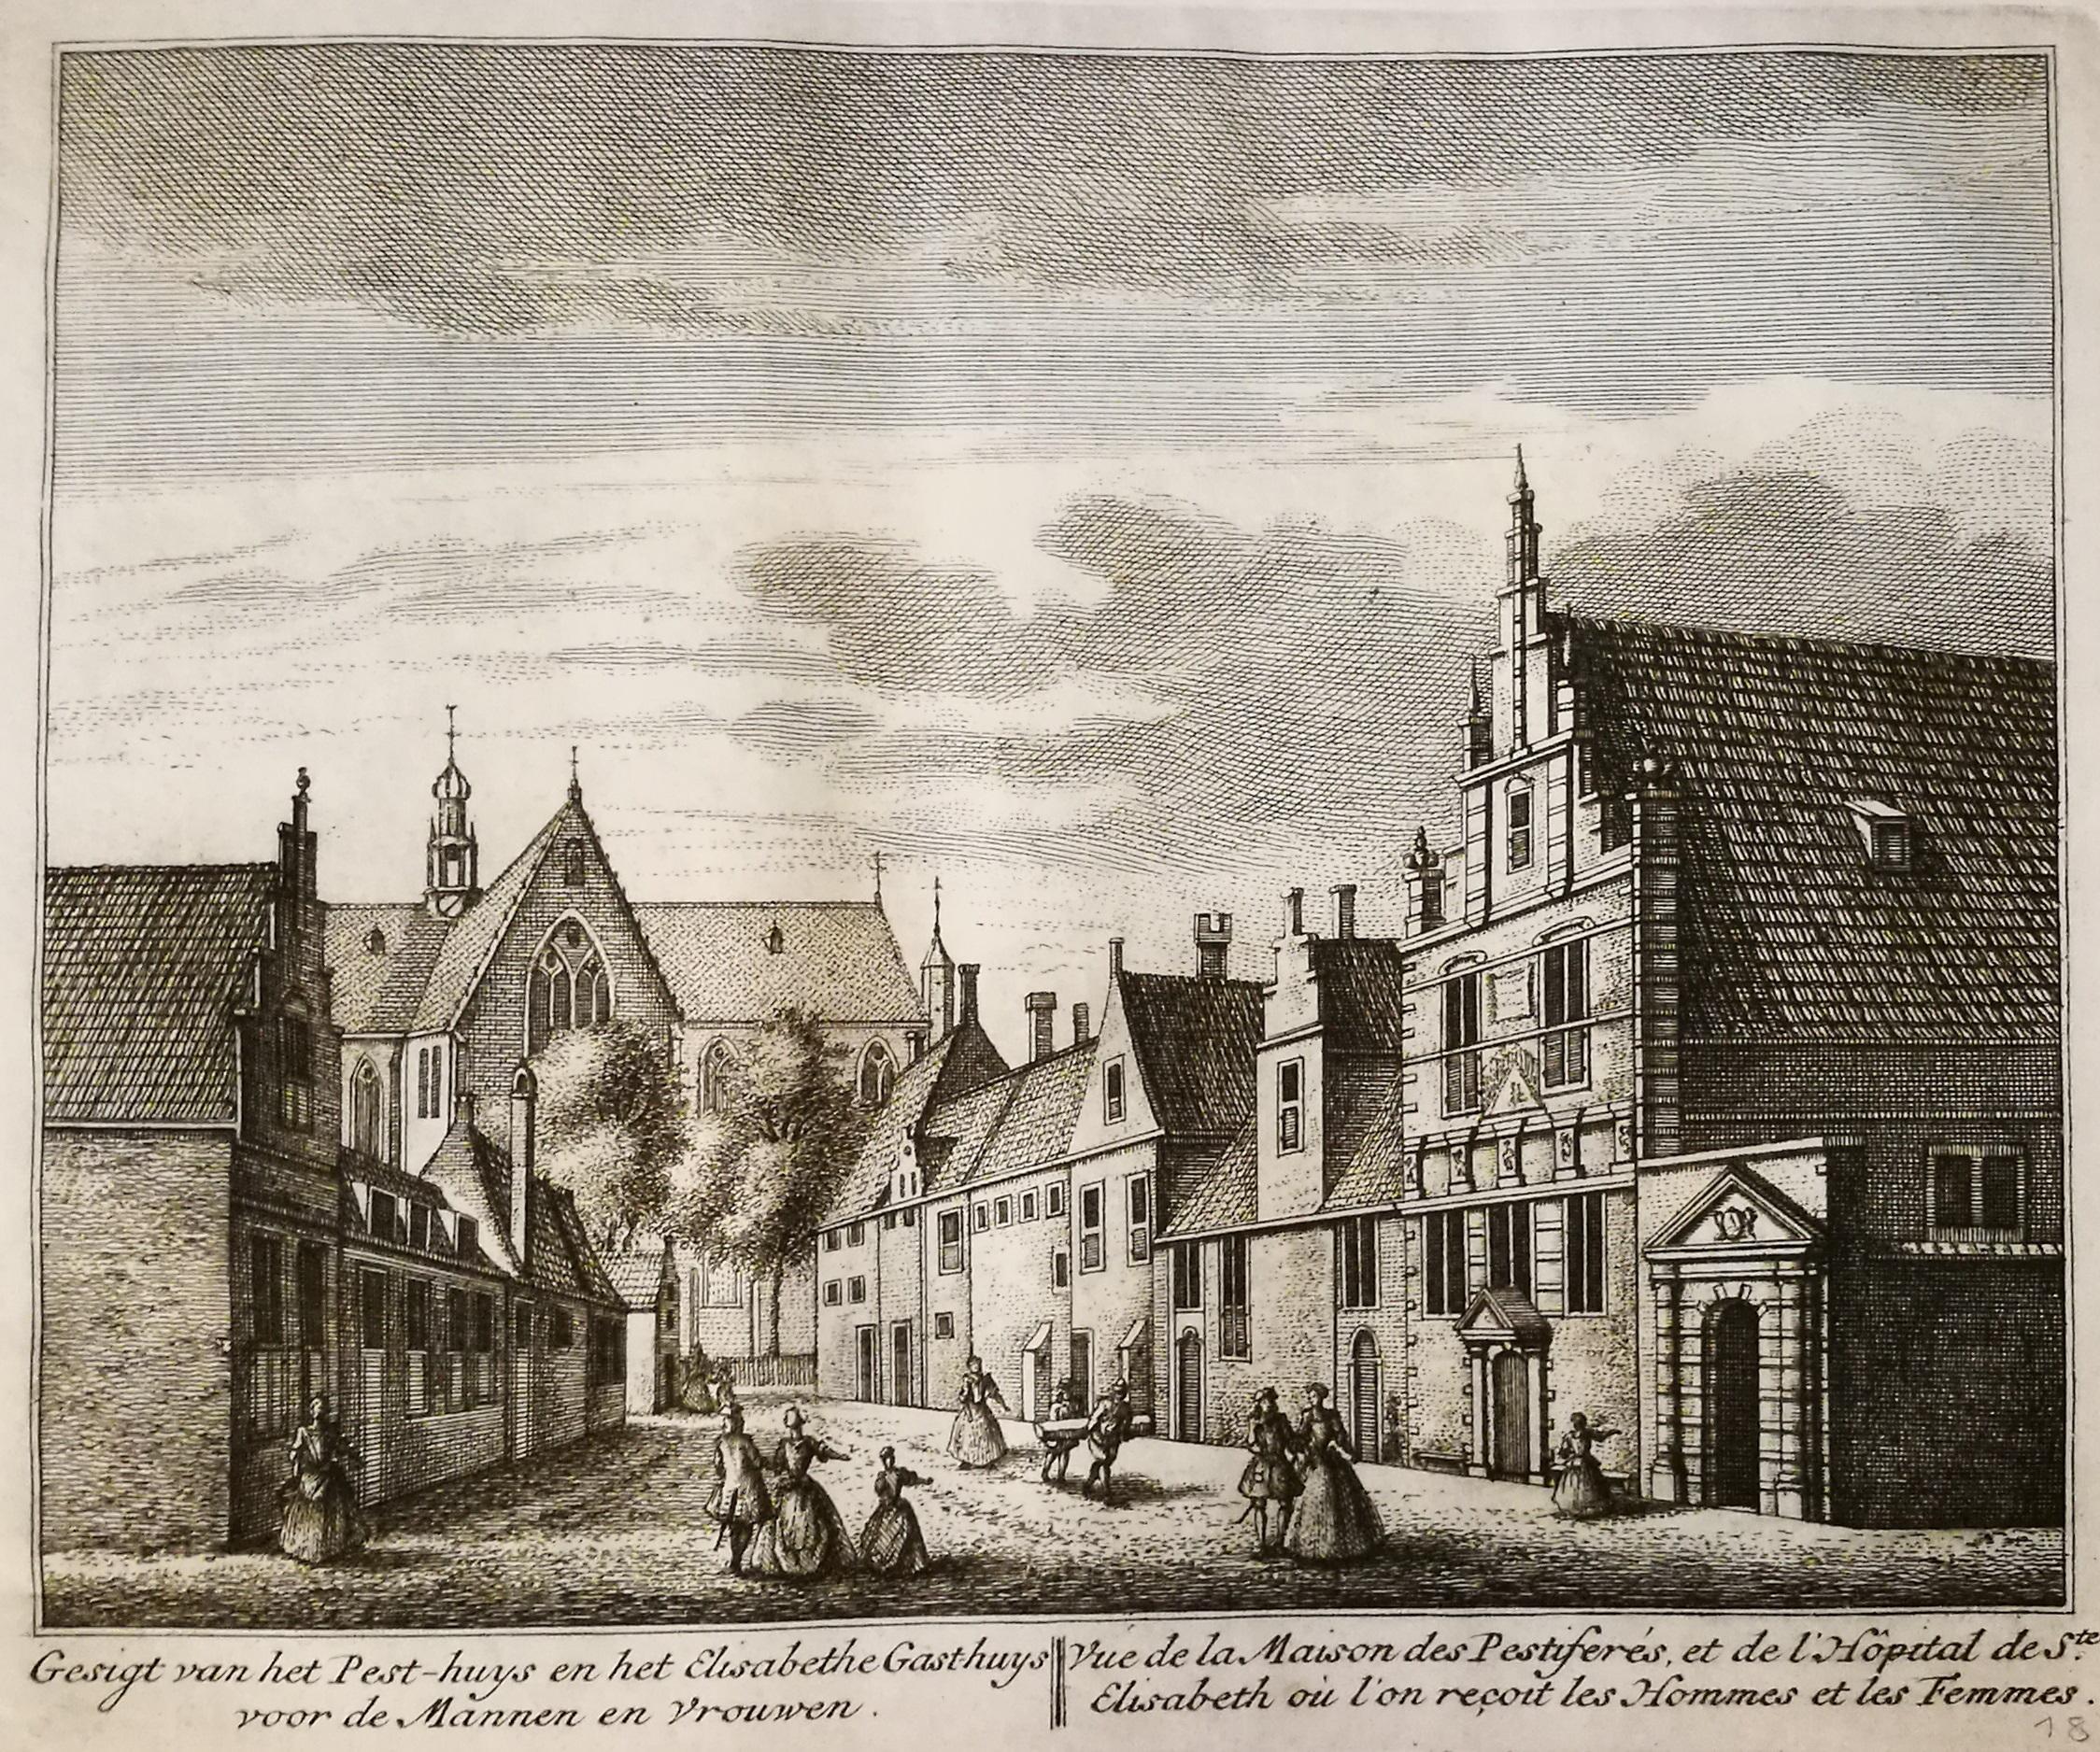 Hoe waarheidsgetrouw waren de prenten, tekeningen en schilderijen van Abraham Rademaker. Zij werk vond gretig aftrek, maar de omgeving veranderde soms, of de kerk was ineens een heel andere